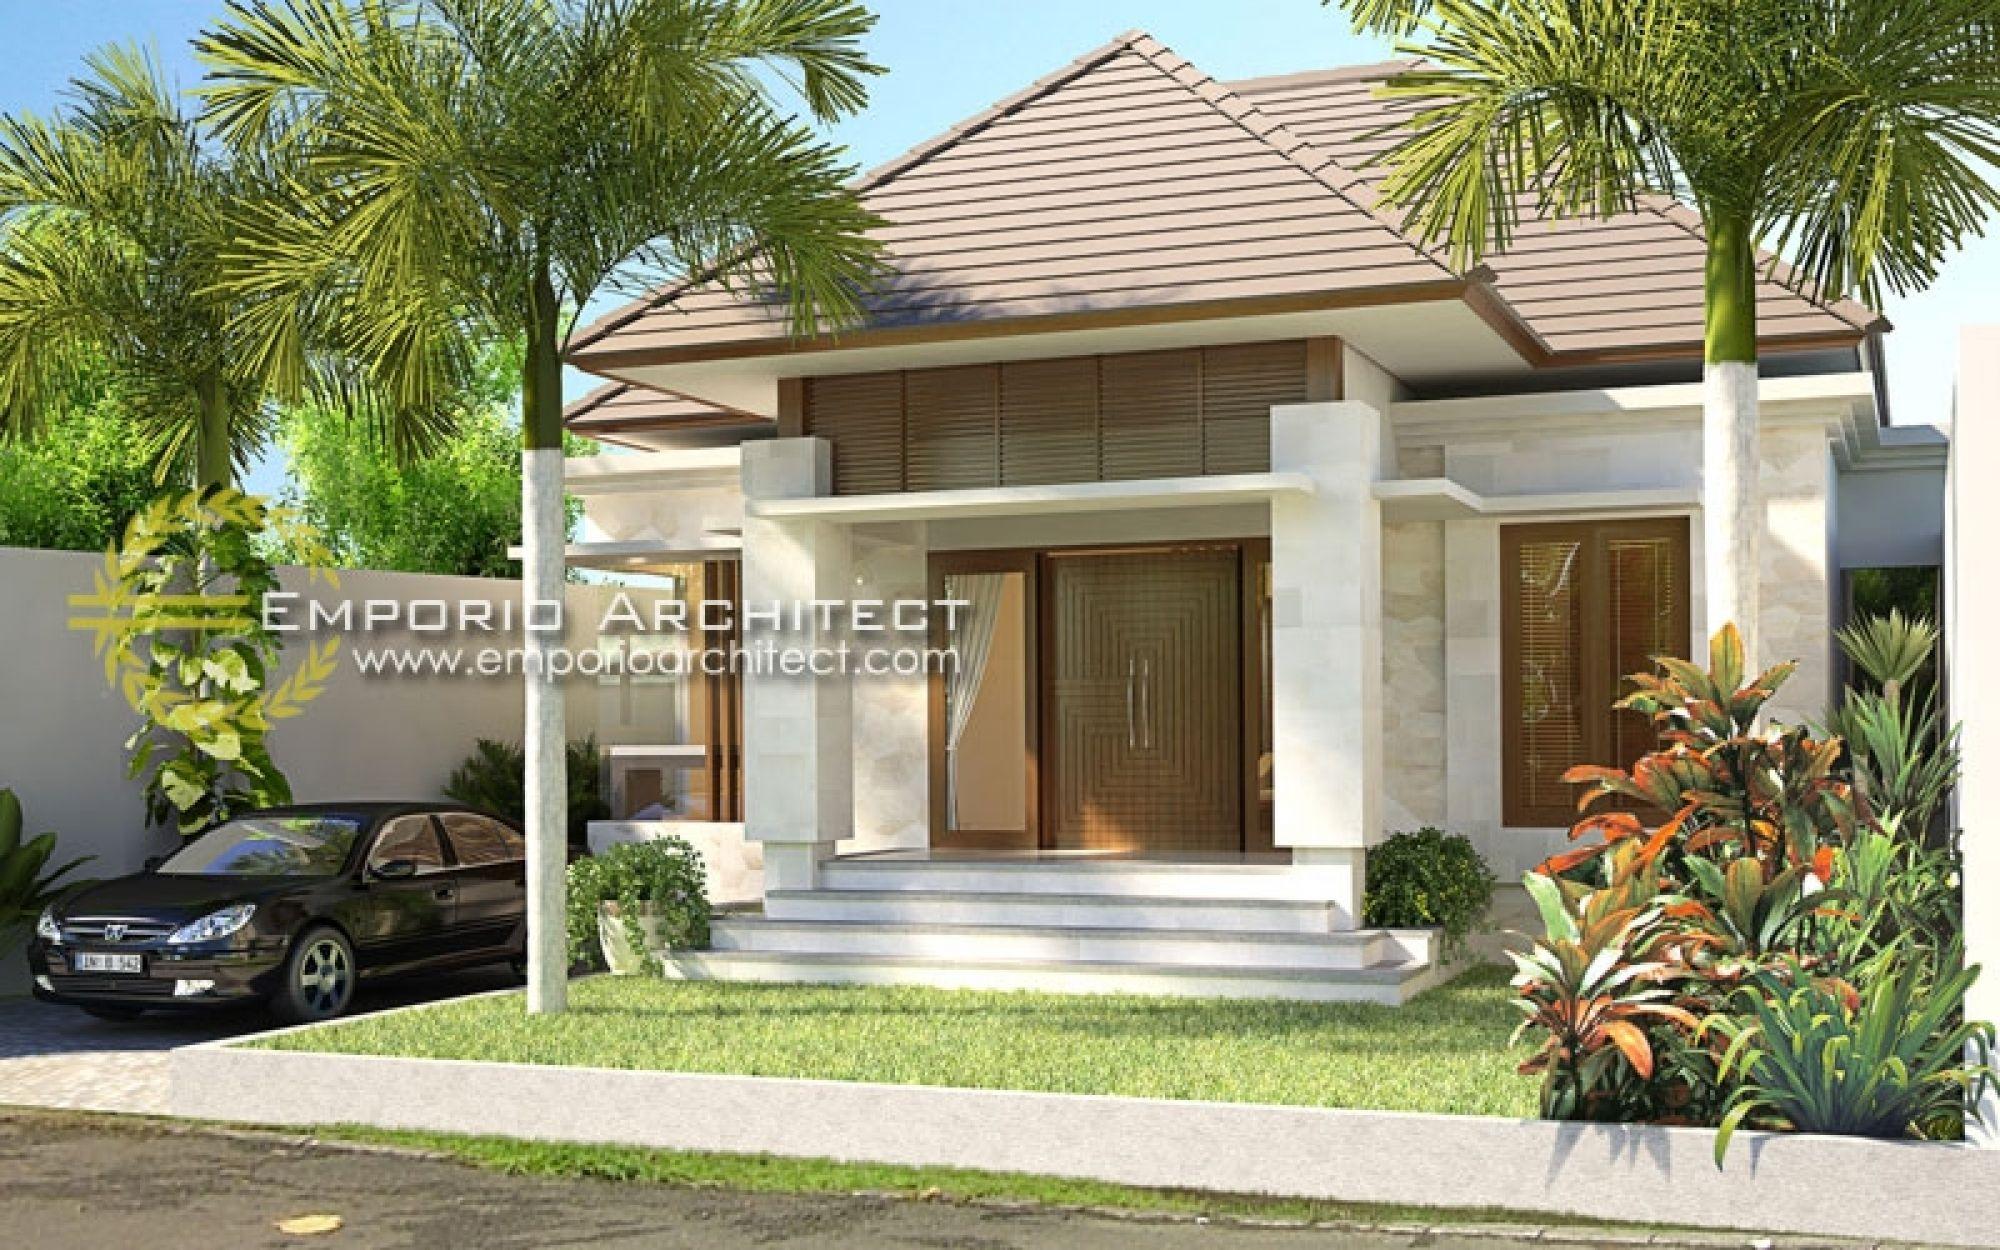 52 Gambar Desain Rumah Bali Modern Sederhana Paling ...